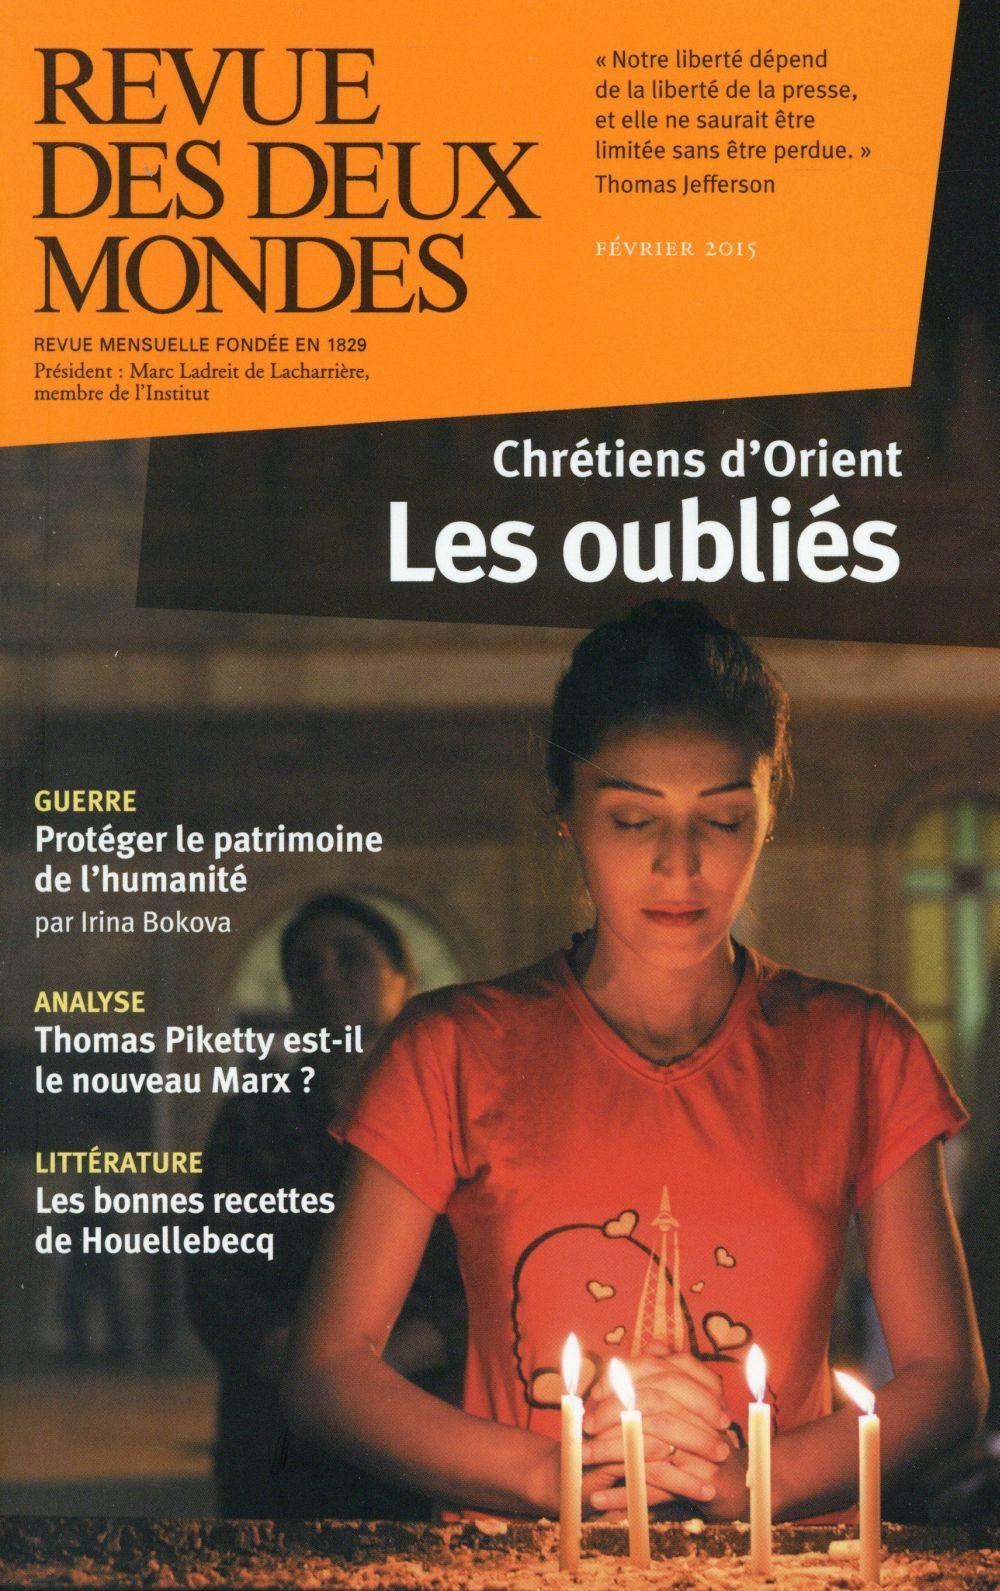 REVUE DES DEUX MONDES FEVRIER 2015. L'AVENIR DES CHRETIENS D'ORIENT